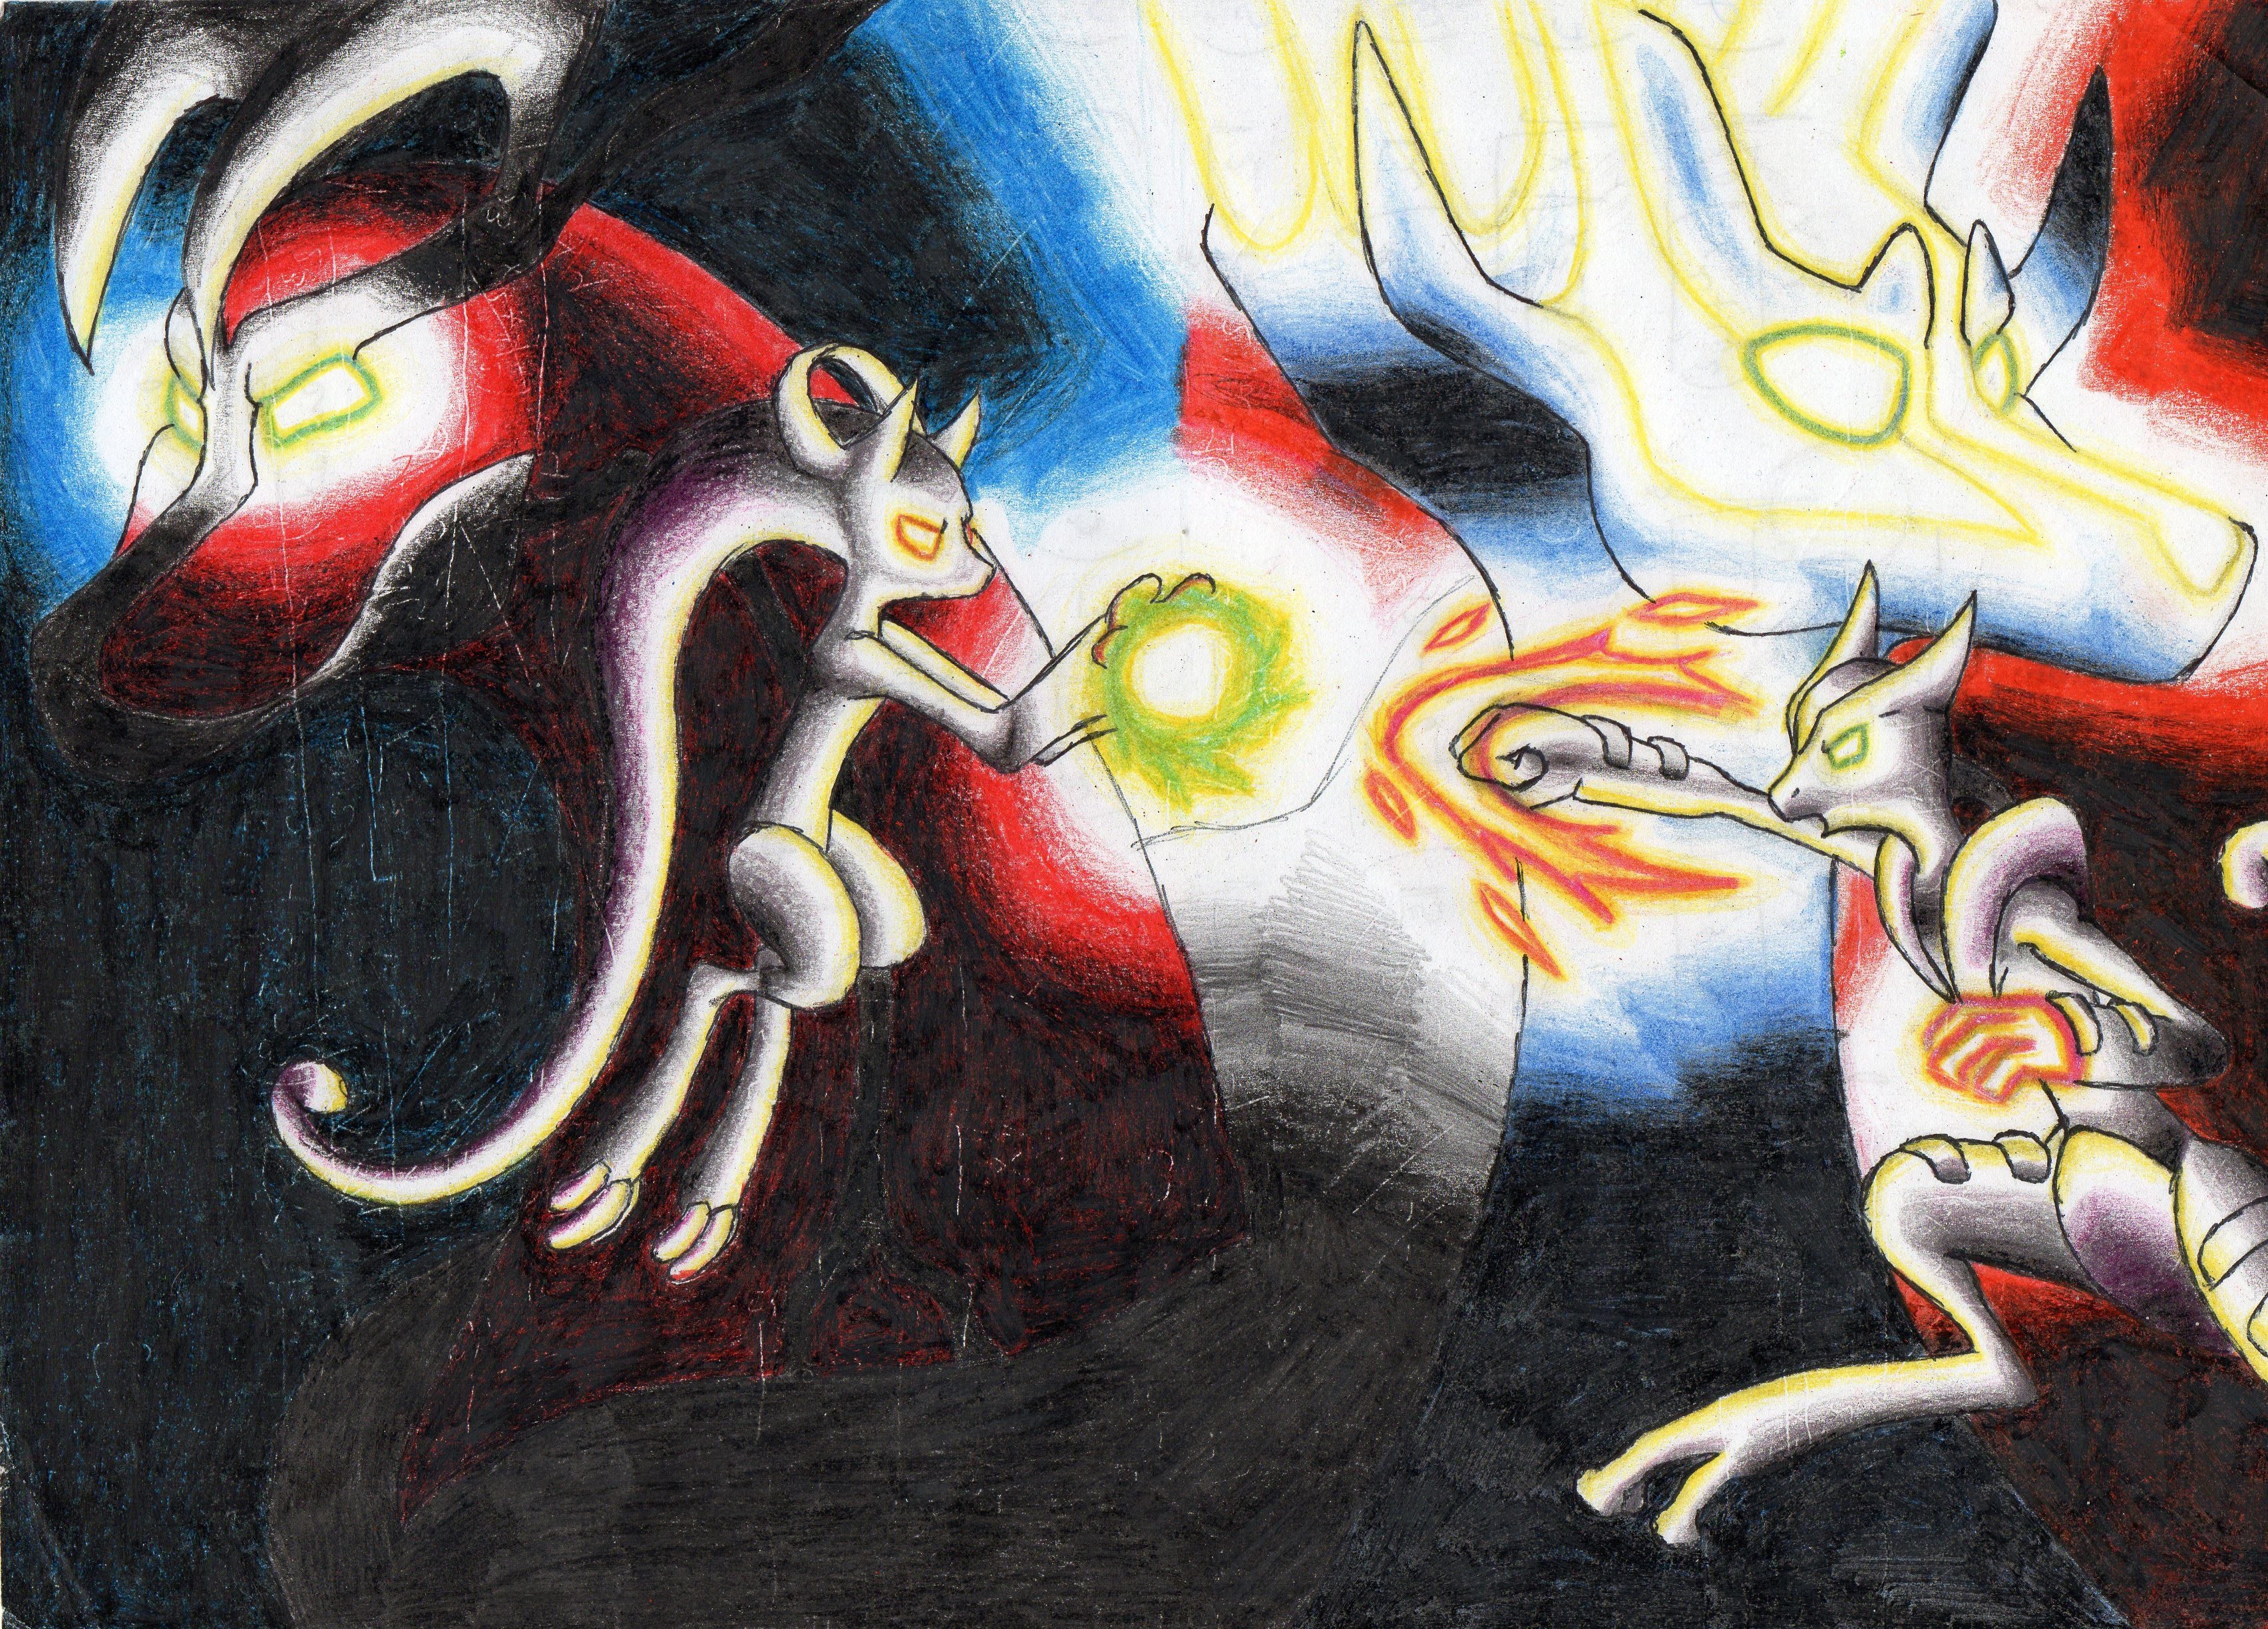 MegaMewtwo Y vs MegaMewtwo X